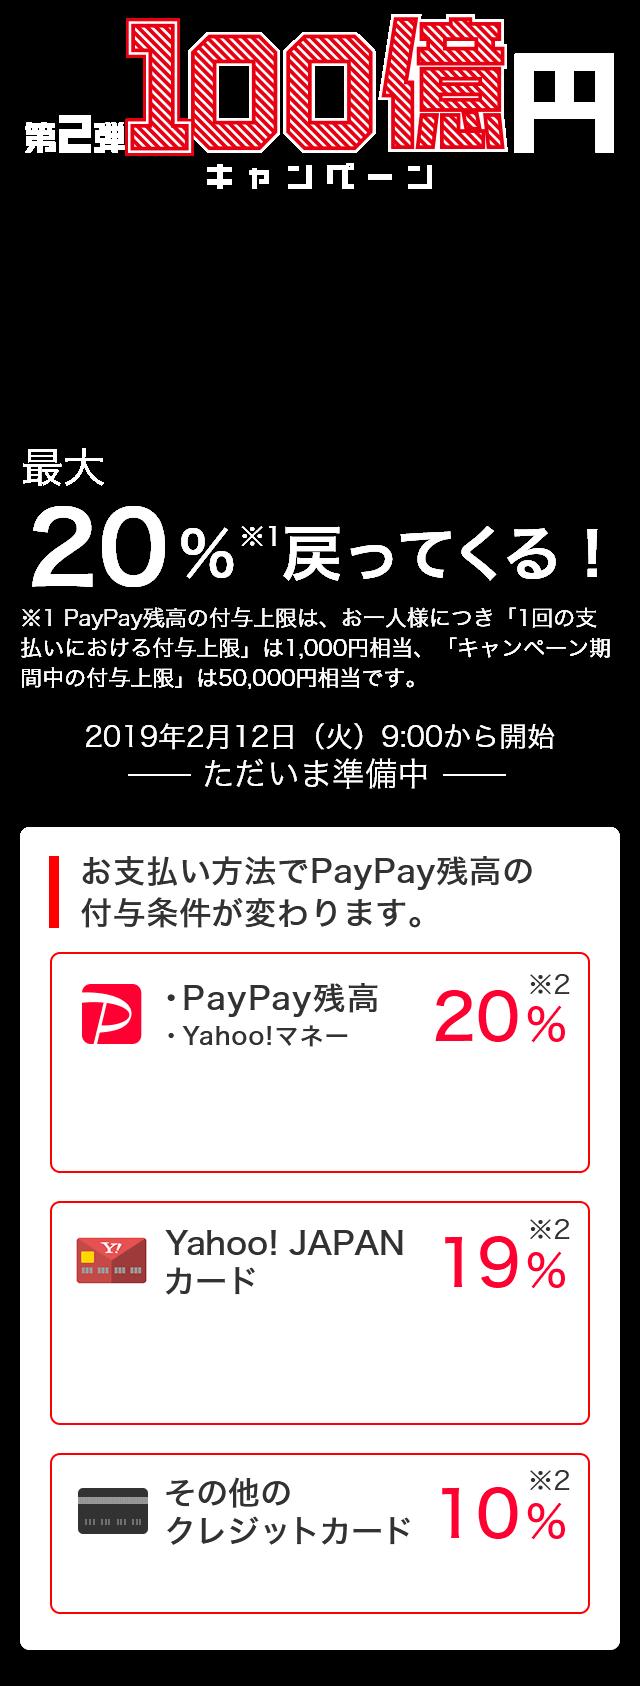 第2弾100億円キャンペーン 2019年2月12日(火)9:00から開始 ただいま準備中 最大20%※1戻ってくる! ※1 PayPay残高の付与上限は、お一人様につき「1回の支払いにおける付与上限」は1,000円相当、「キャンペーン期間中の付与上限」は50,000円相当です。お支払い方法でPayPay残高の付与条件が変わります。・PayPay残高・Yahoo!マネー 20% Yahoo! JAPANカード 19% その他のクレジットカード 10%